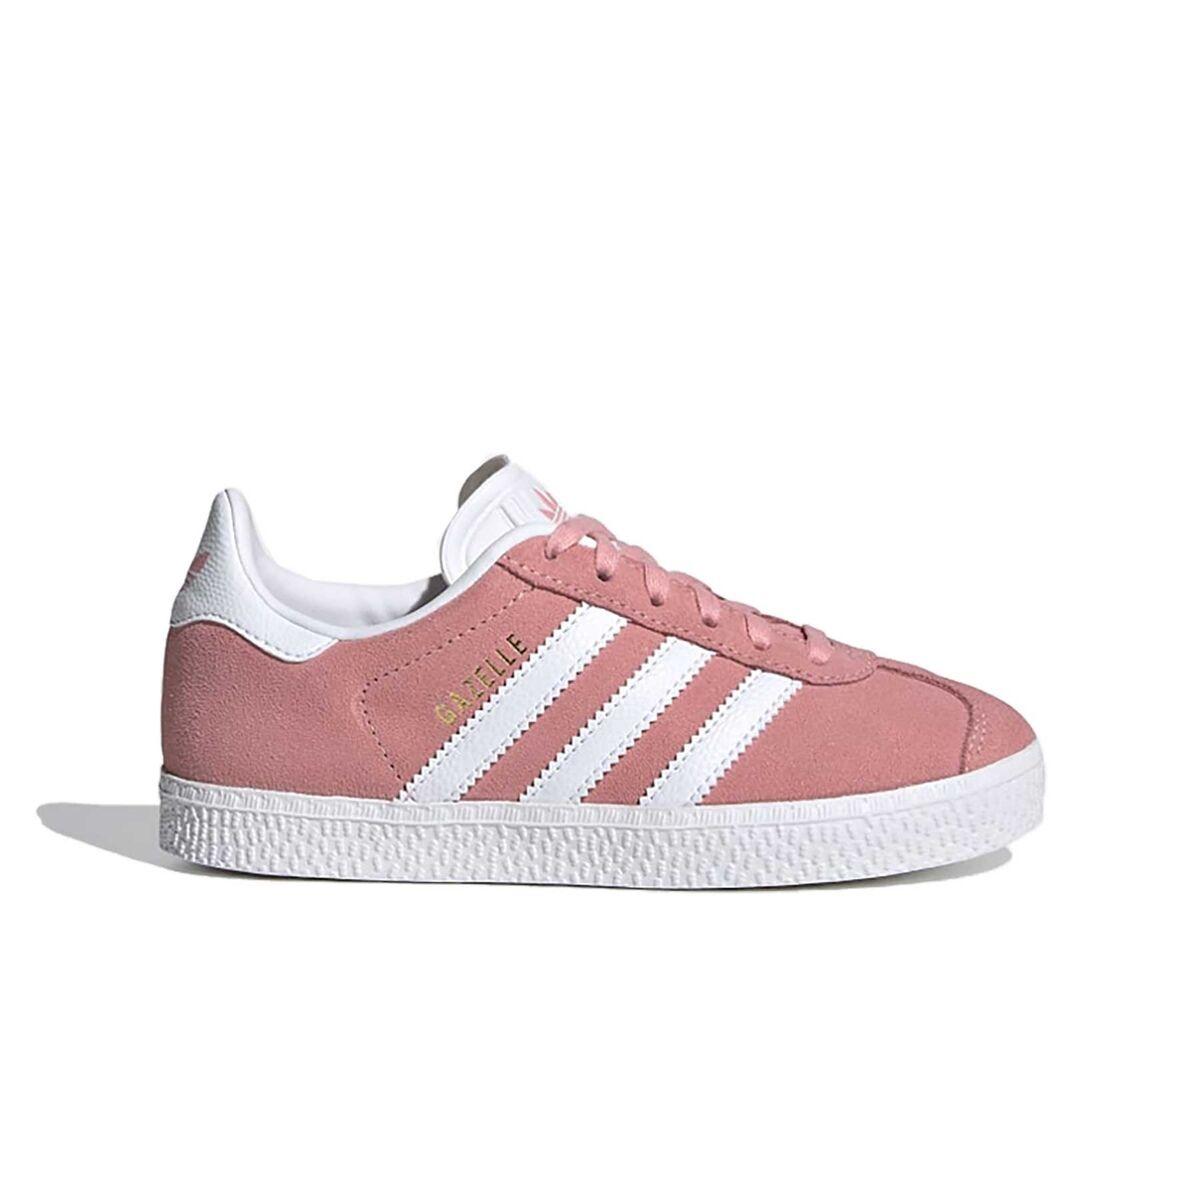 Adidas GAZELLE PS BAMBINA